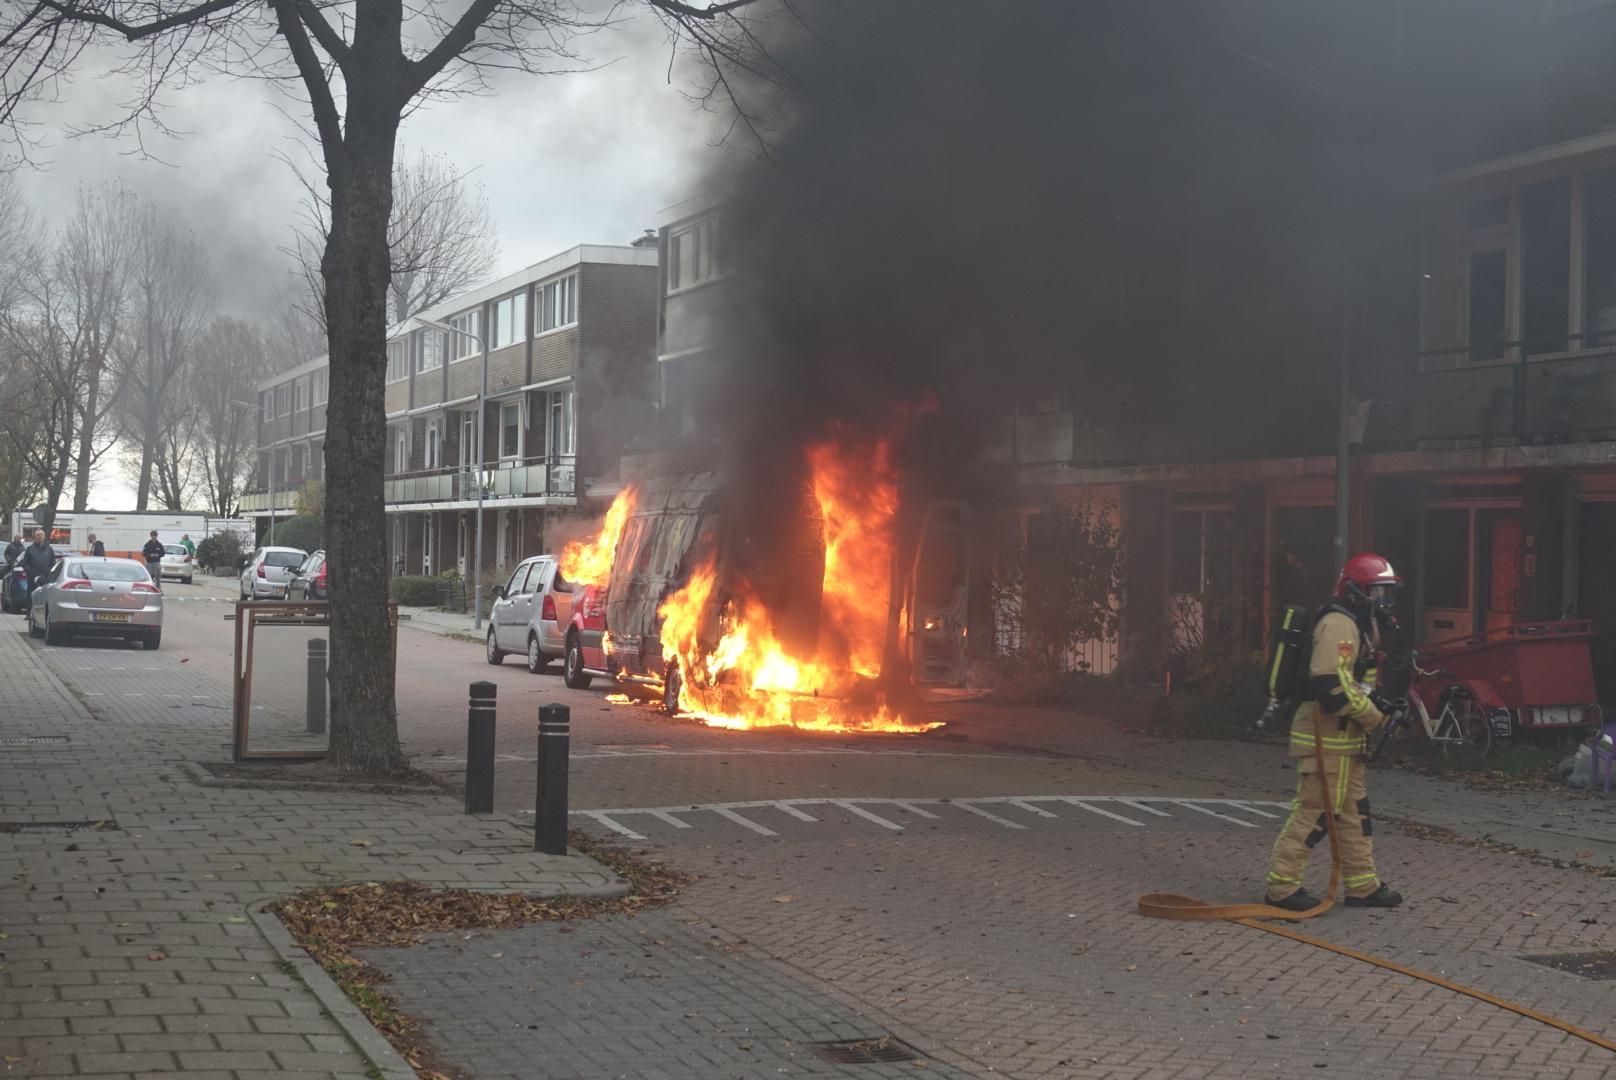 Bestelbus brandt helemaal uit in Wormer [video]